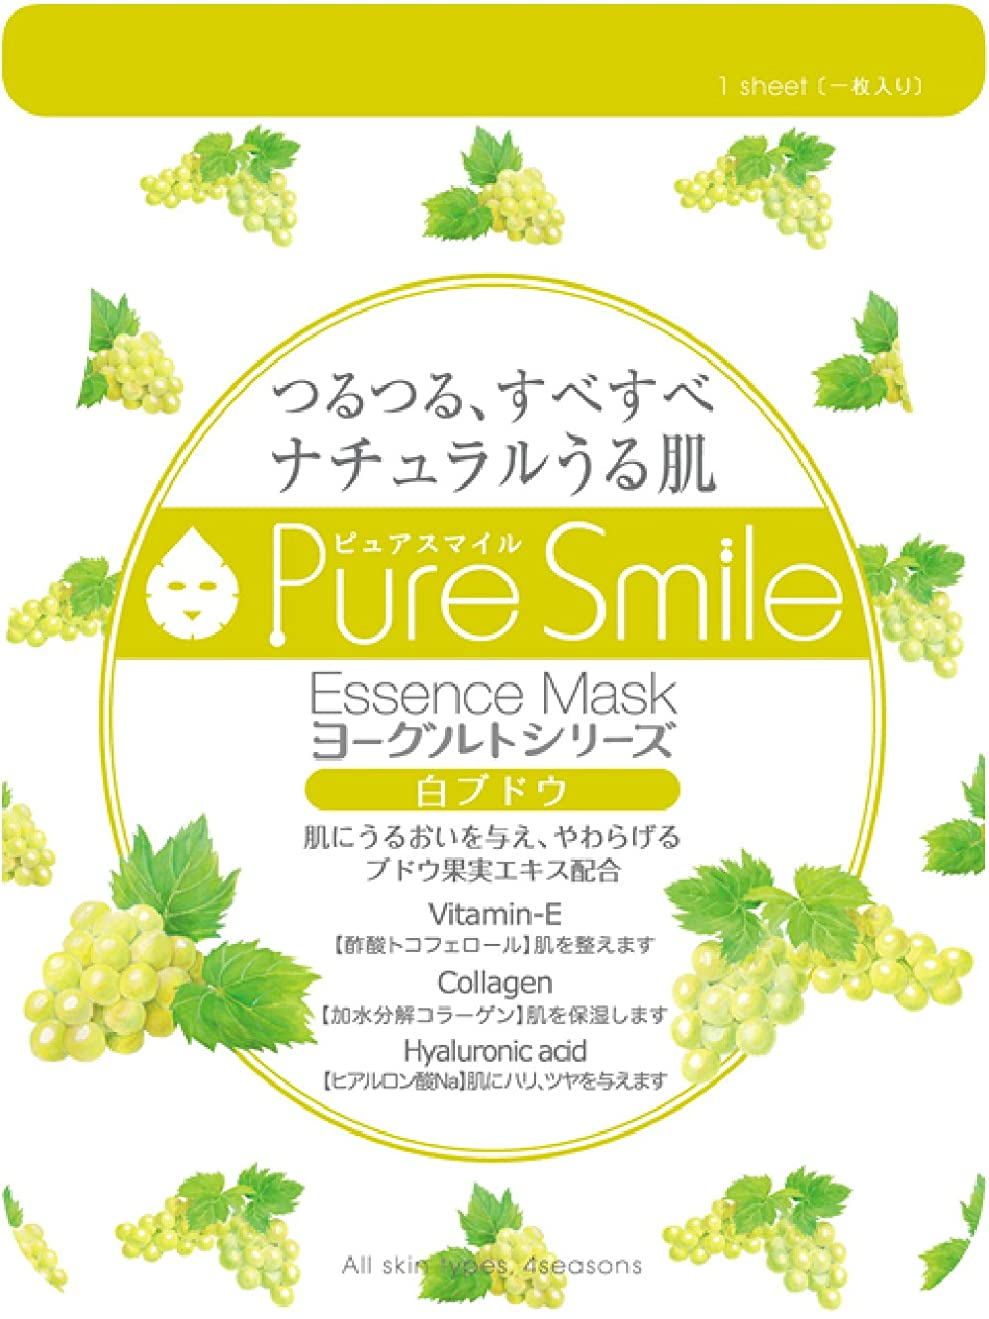 Pure Smile エッセンスマスク ヨーグルトシリーズ 白ブドウ 23ml?30枚